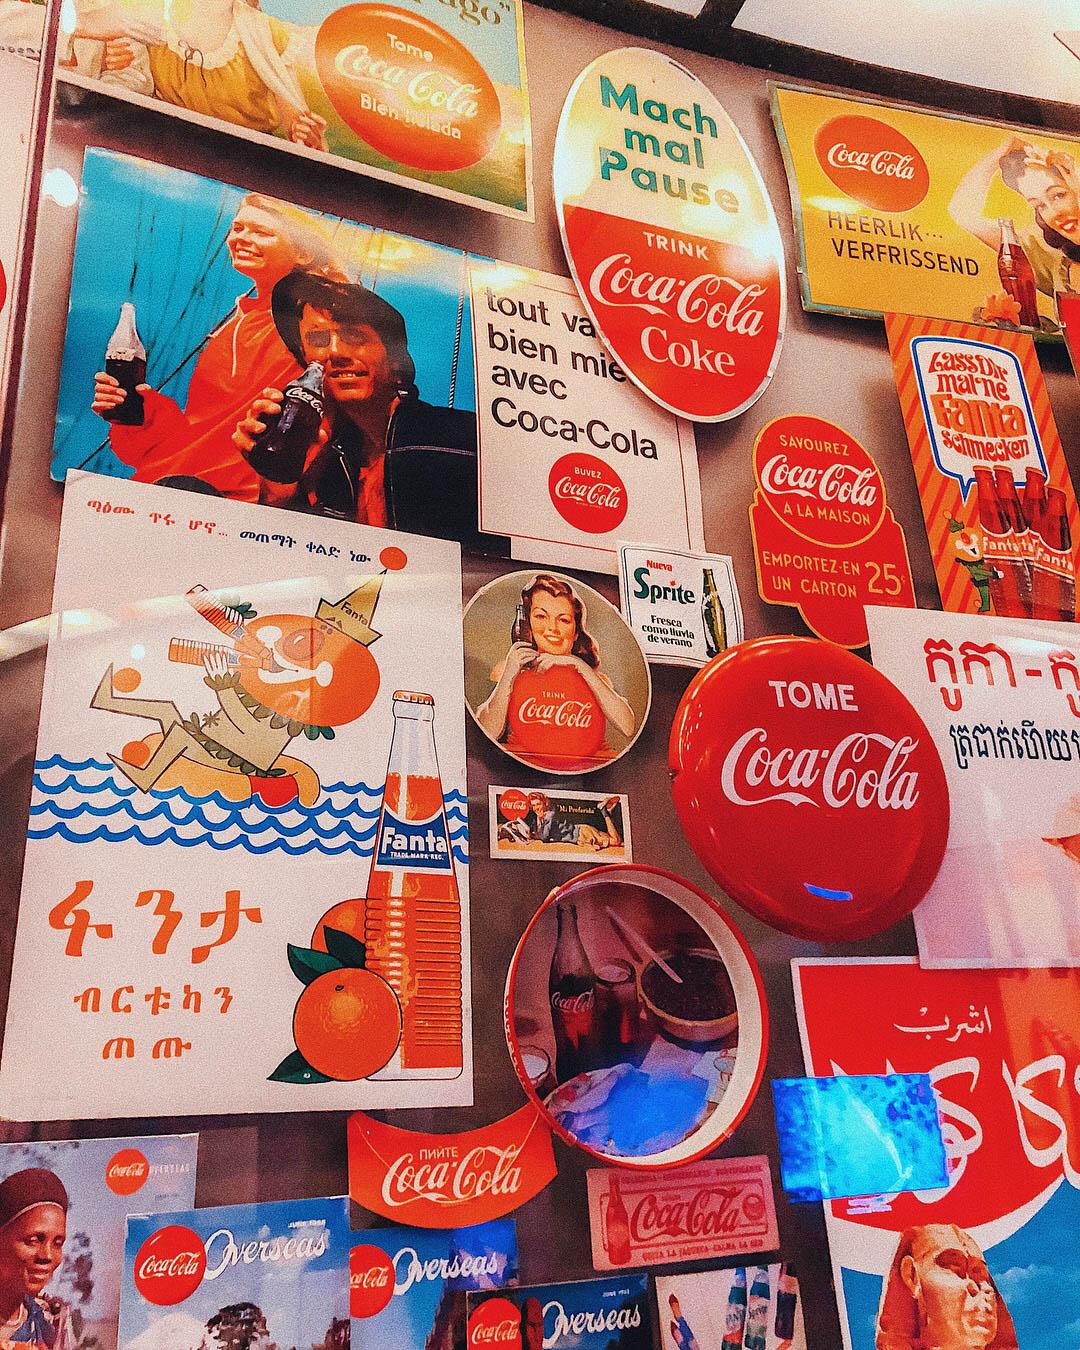 World of Coca-Cola | Things to See in Atlanta | Jordan Hefler